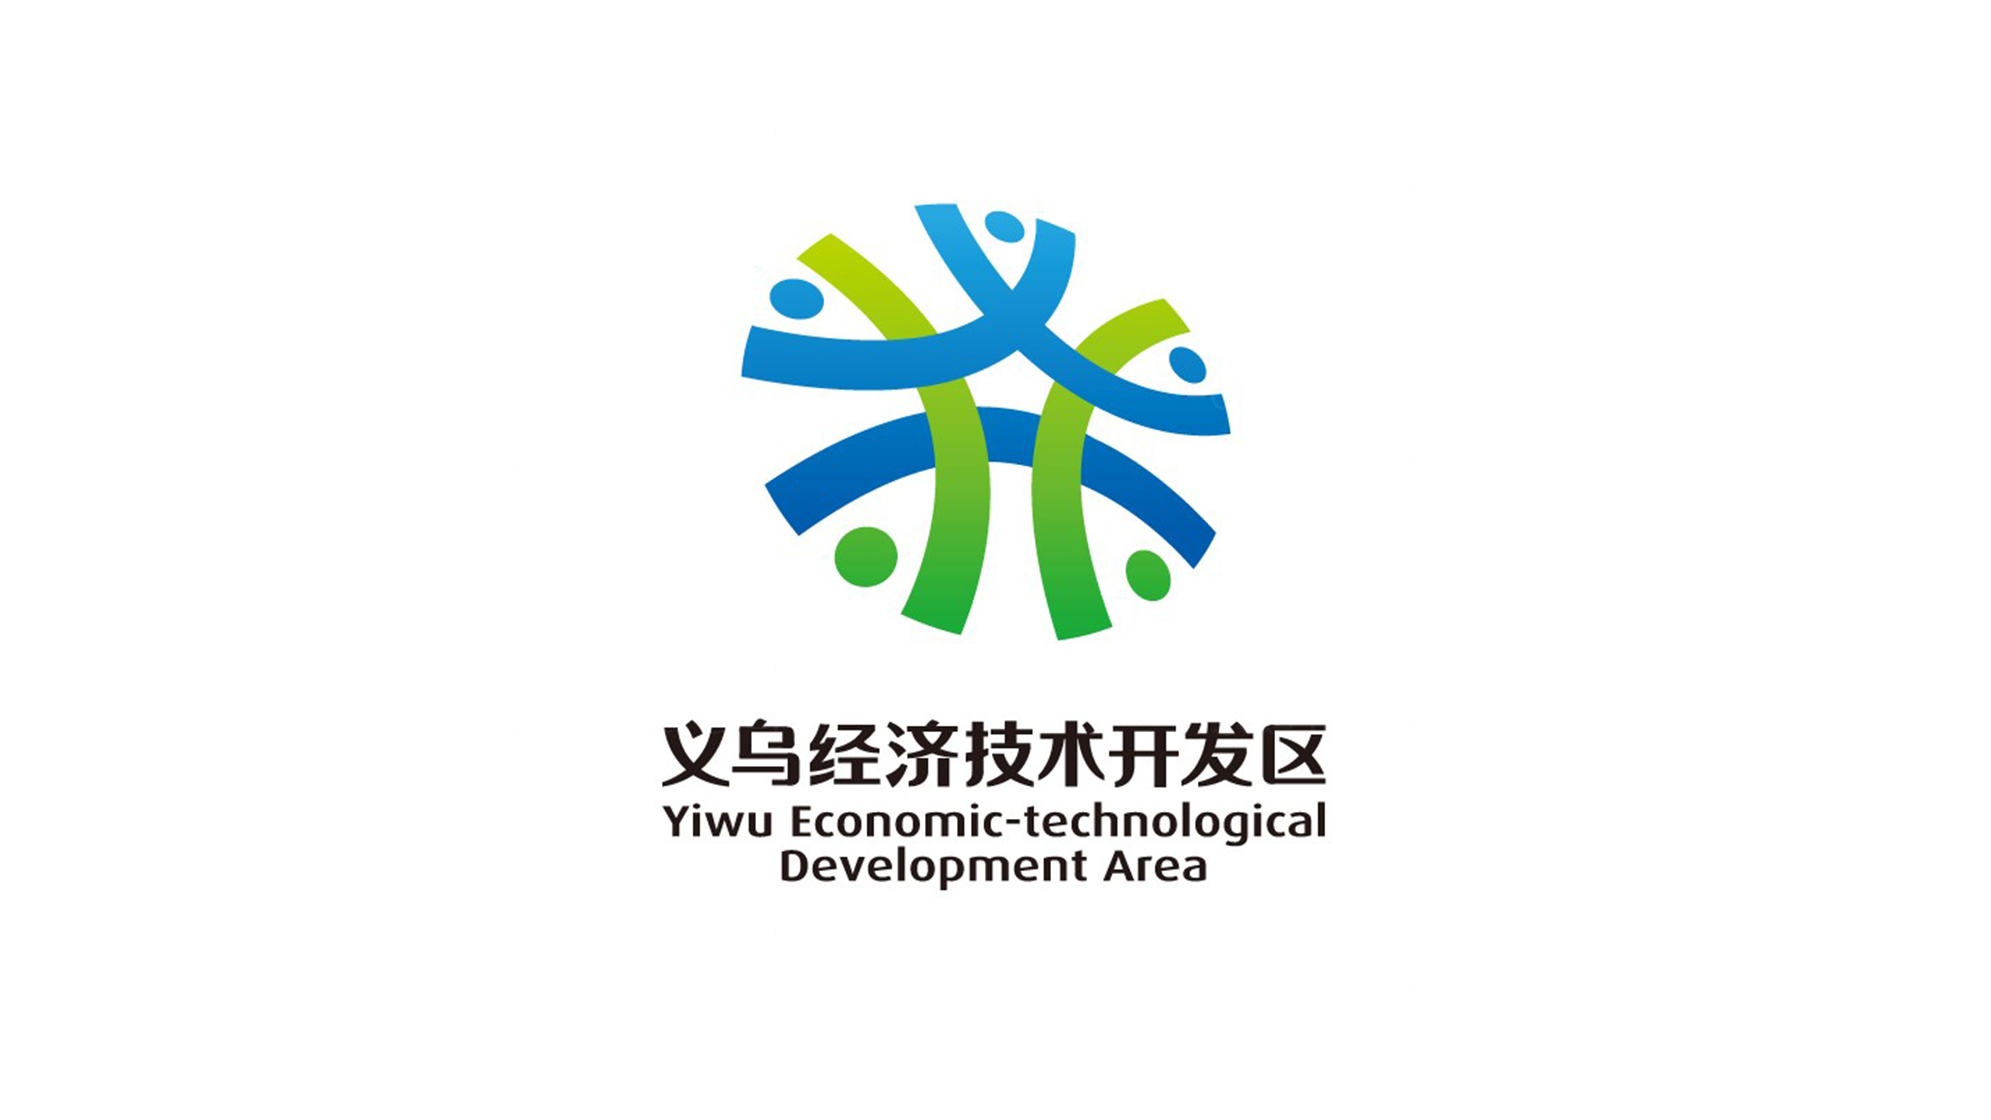 政府组织品牌设计义乌经济技术开发区LOGO&VI设计